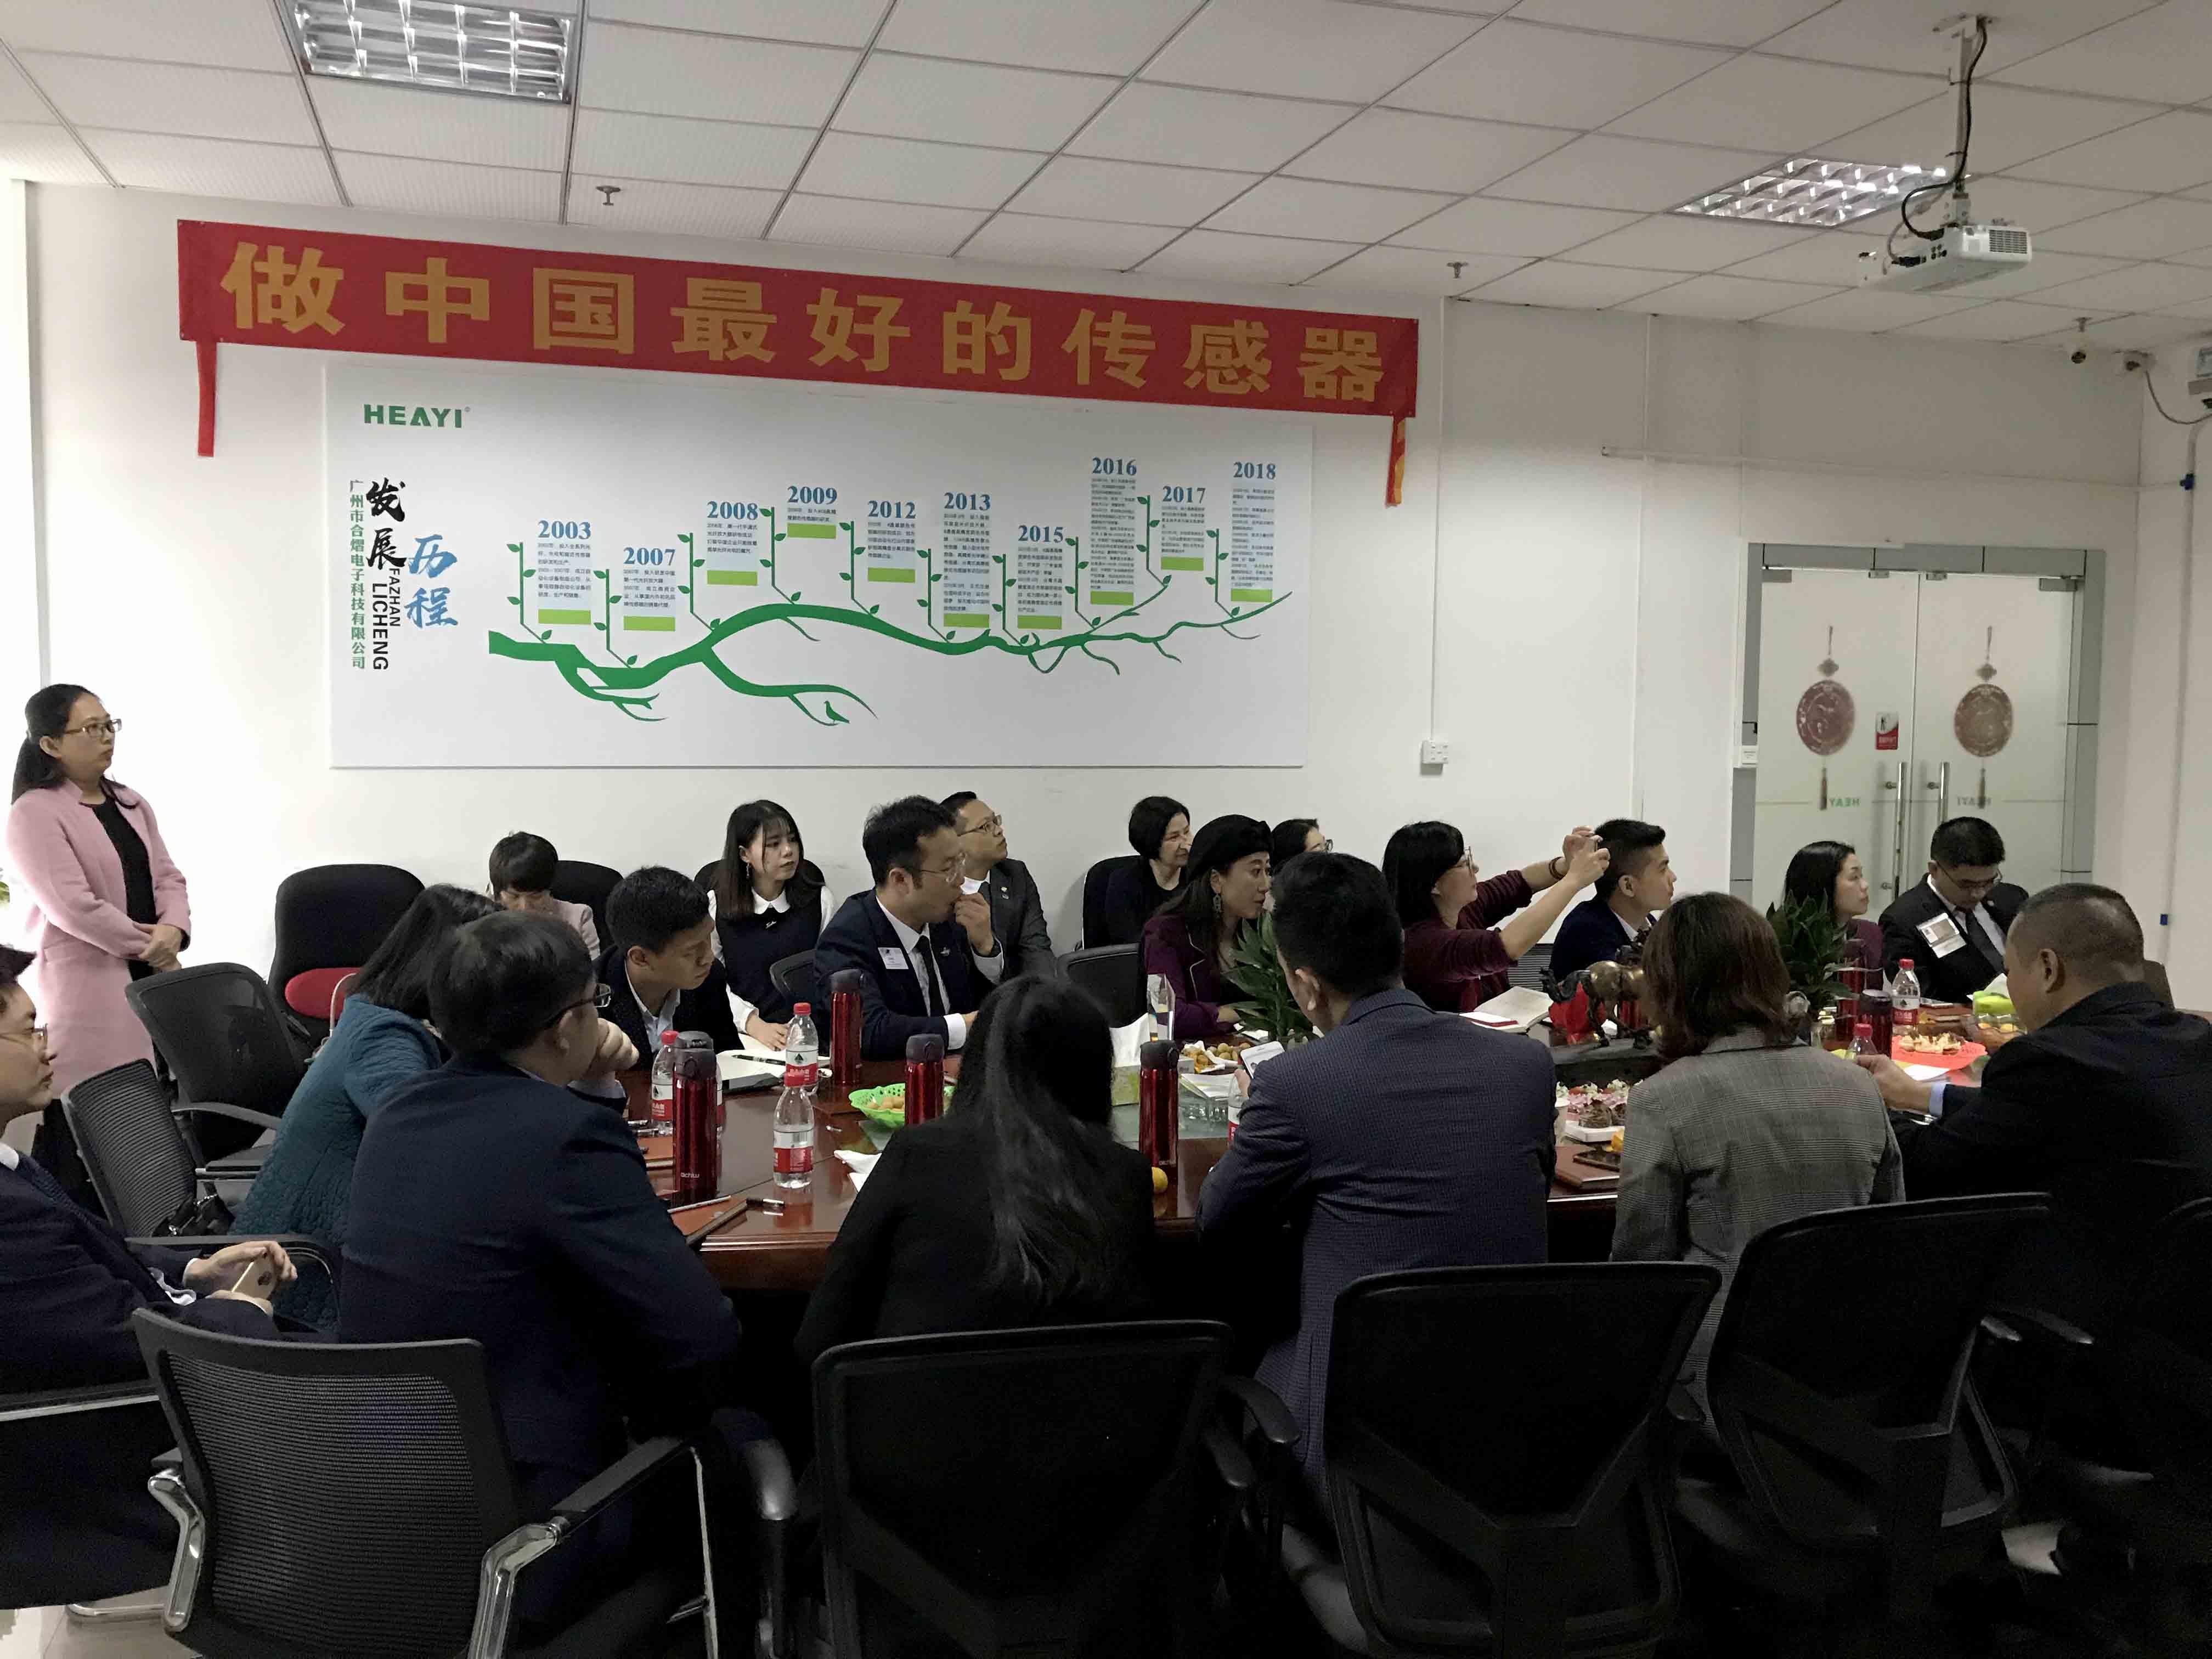 Heyi-Bni Guanghua Branch Of Haizhu District, Guangzhou, Come And Visit Heyi Tec-2